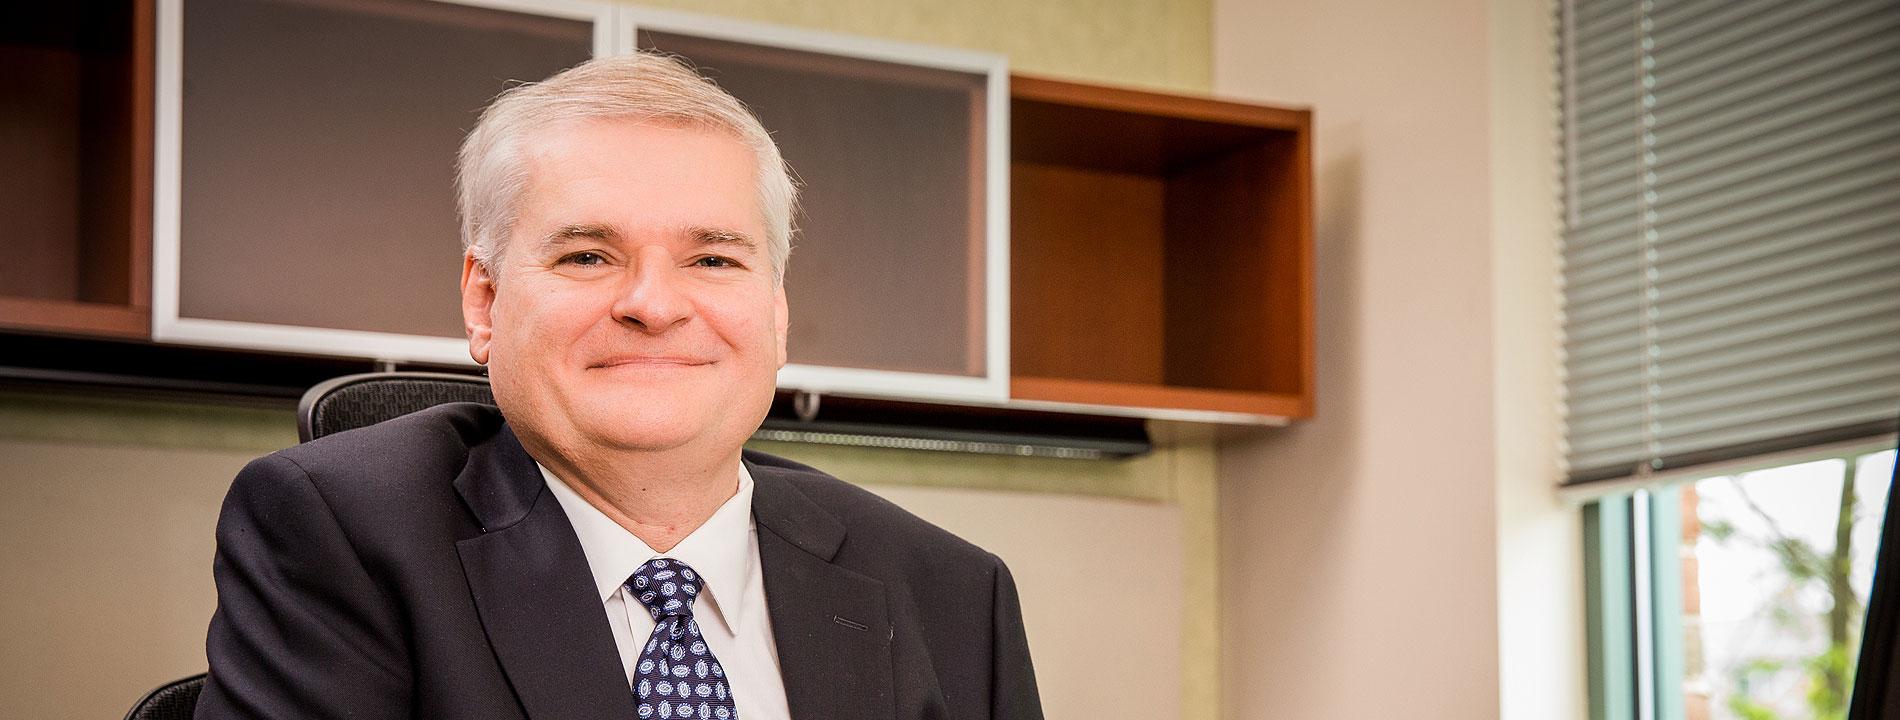 David Marsh, PE, LEED AP